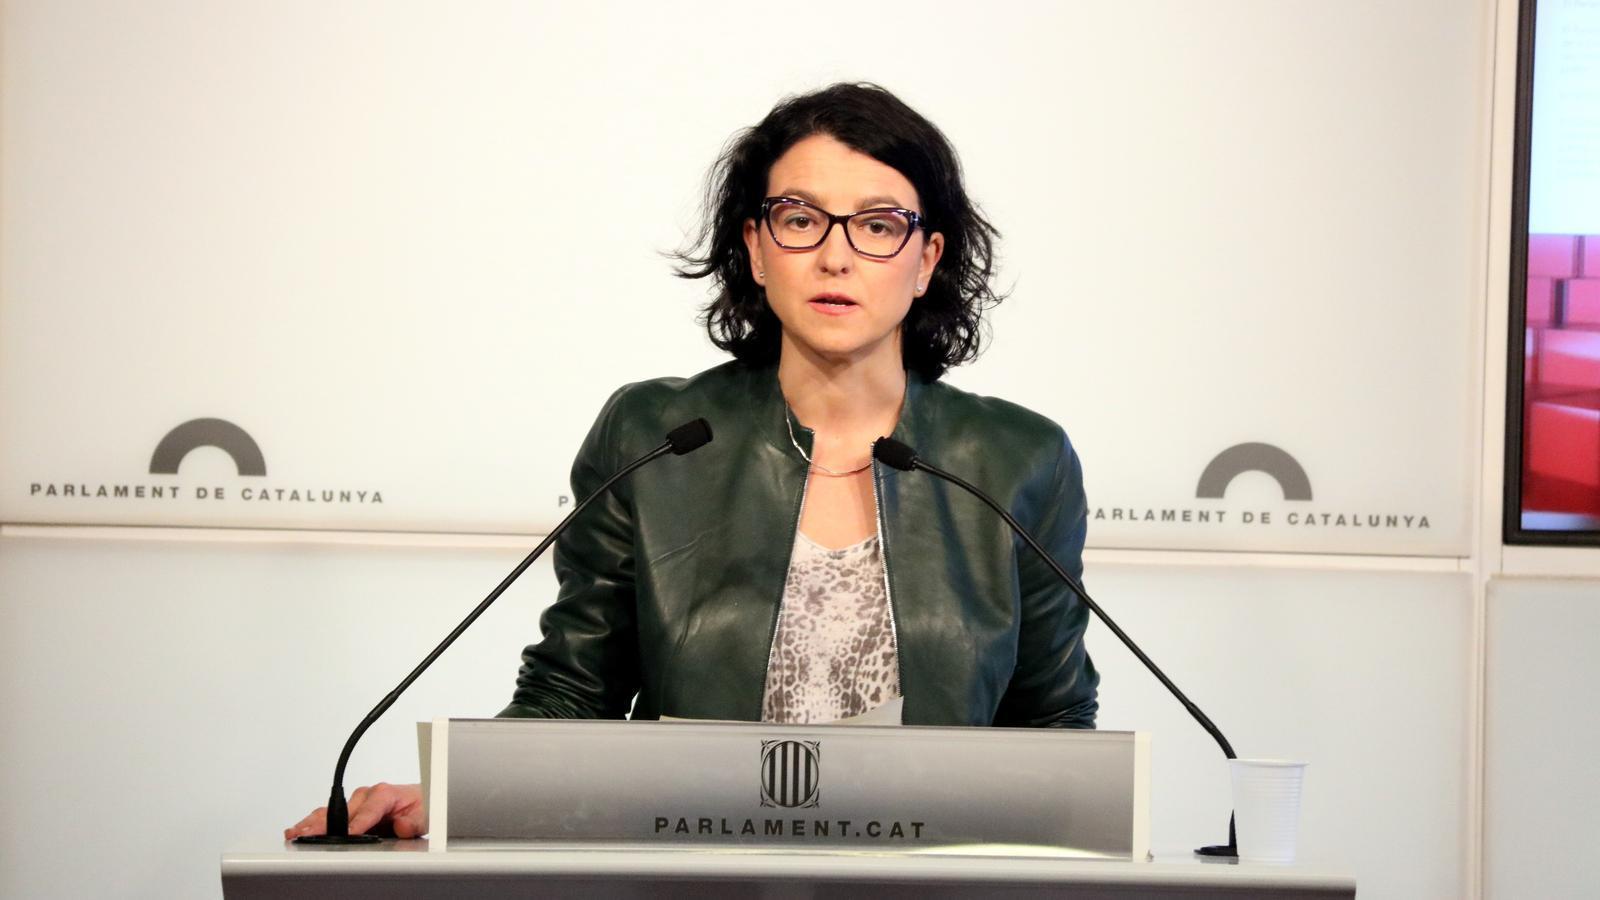 [PSC] Eva Granados: «El Govern no puede seguir ni un minuto más en el poder, y deben dimitir de inmediato» Portaveu-PSC-Parlament-Eva-Granados_1949215246_51836459_1500x1000